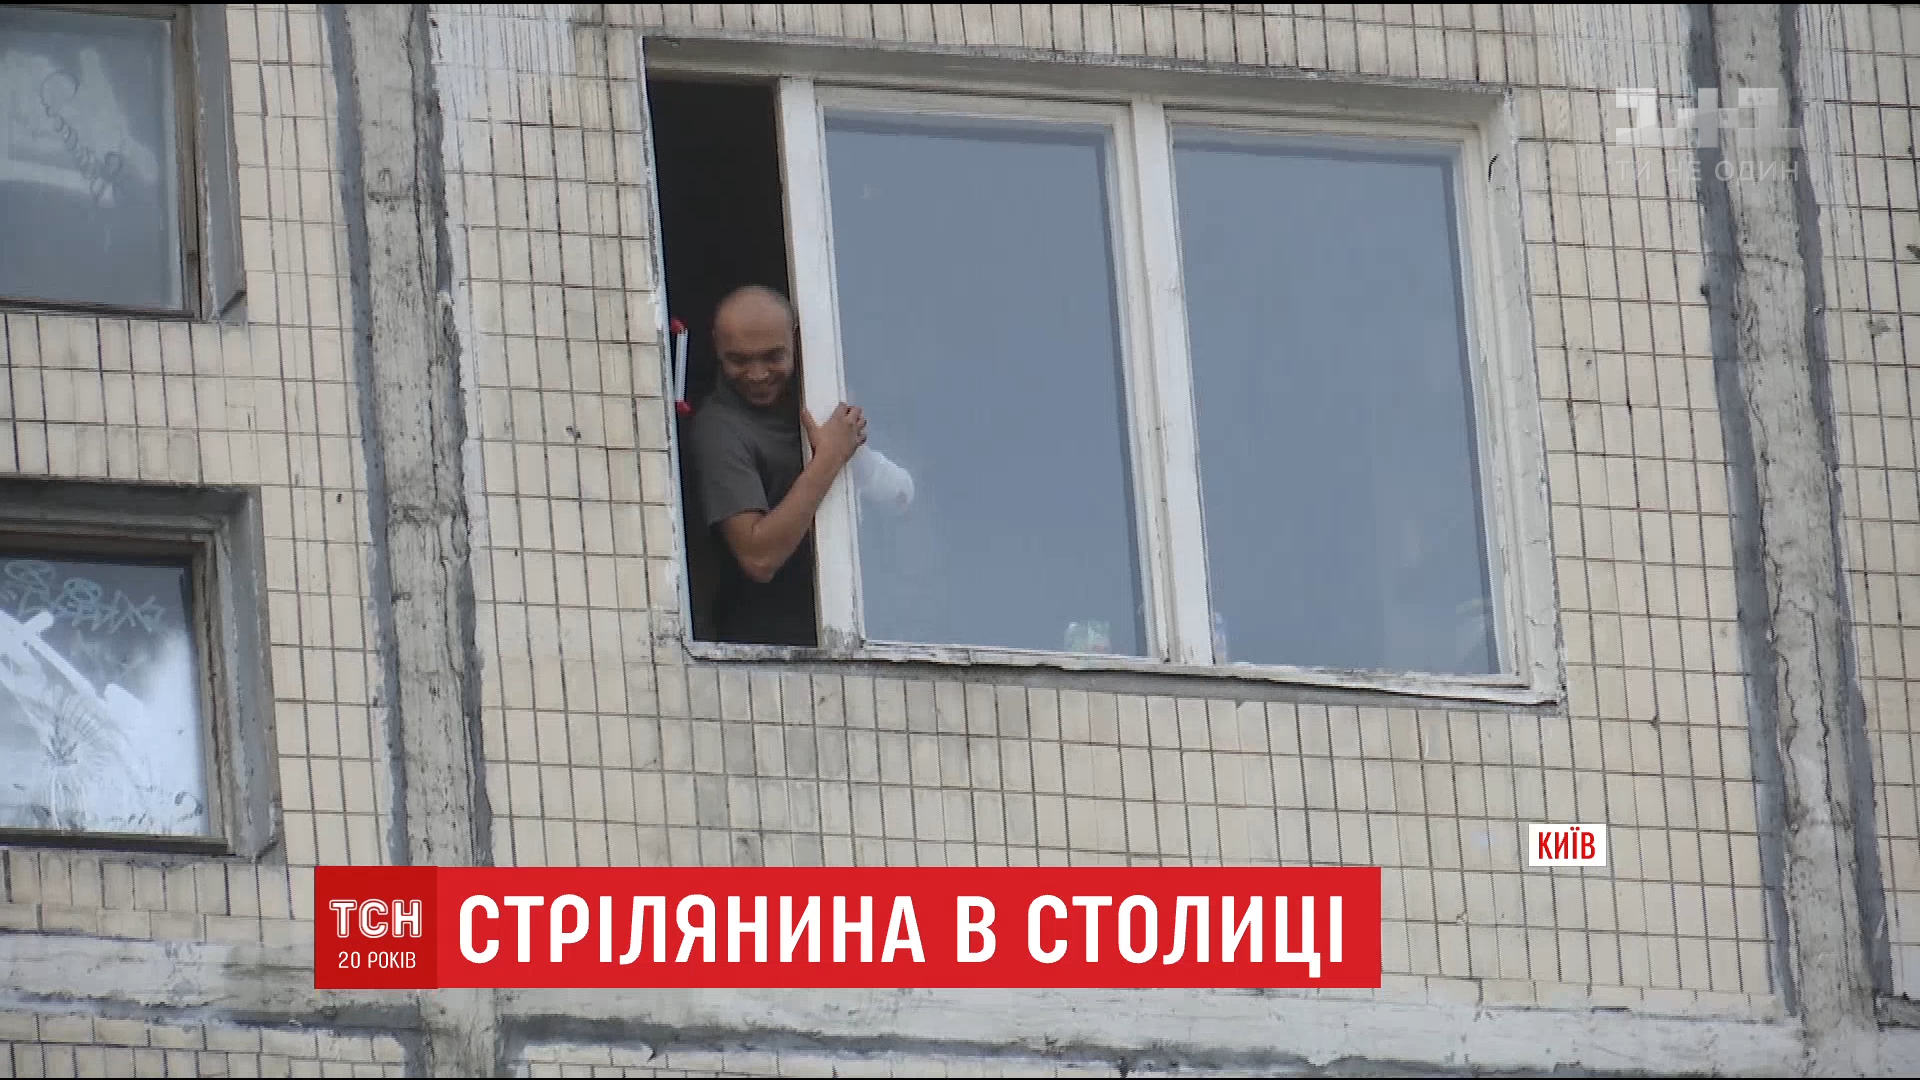 У Києві поліція затримала озброєного чоловіка, який погрожував мешканцям будинку /